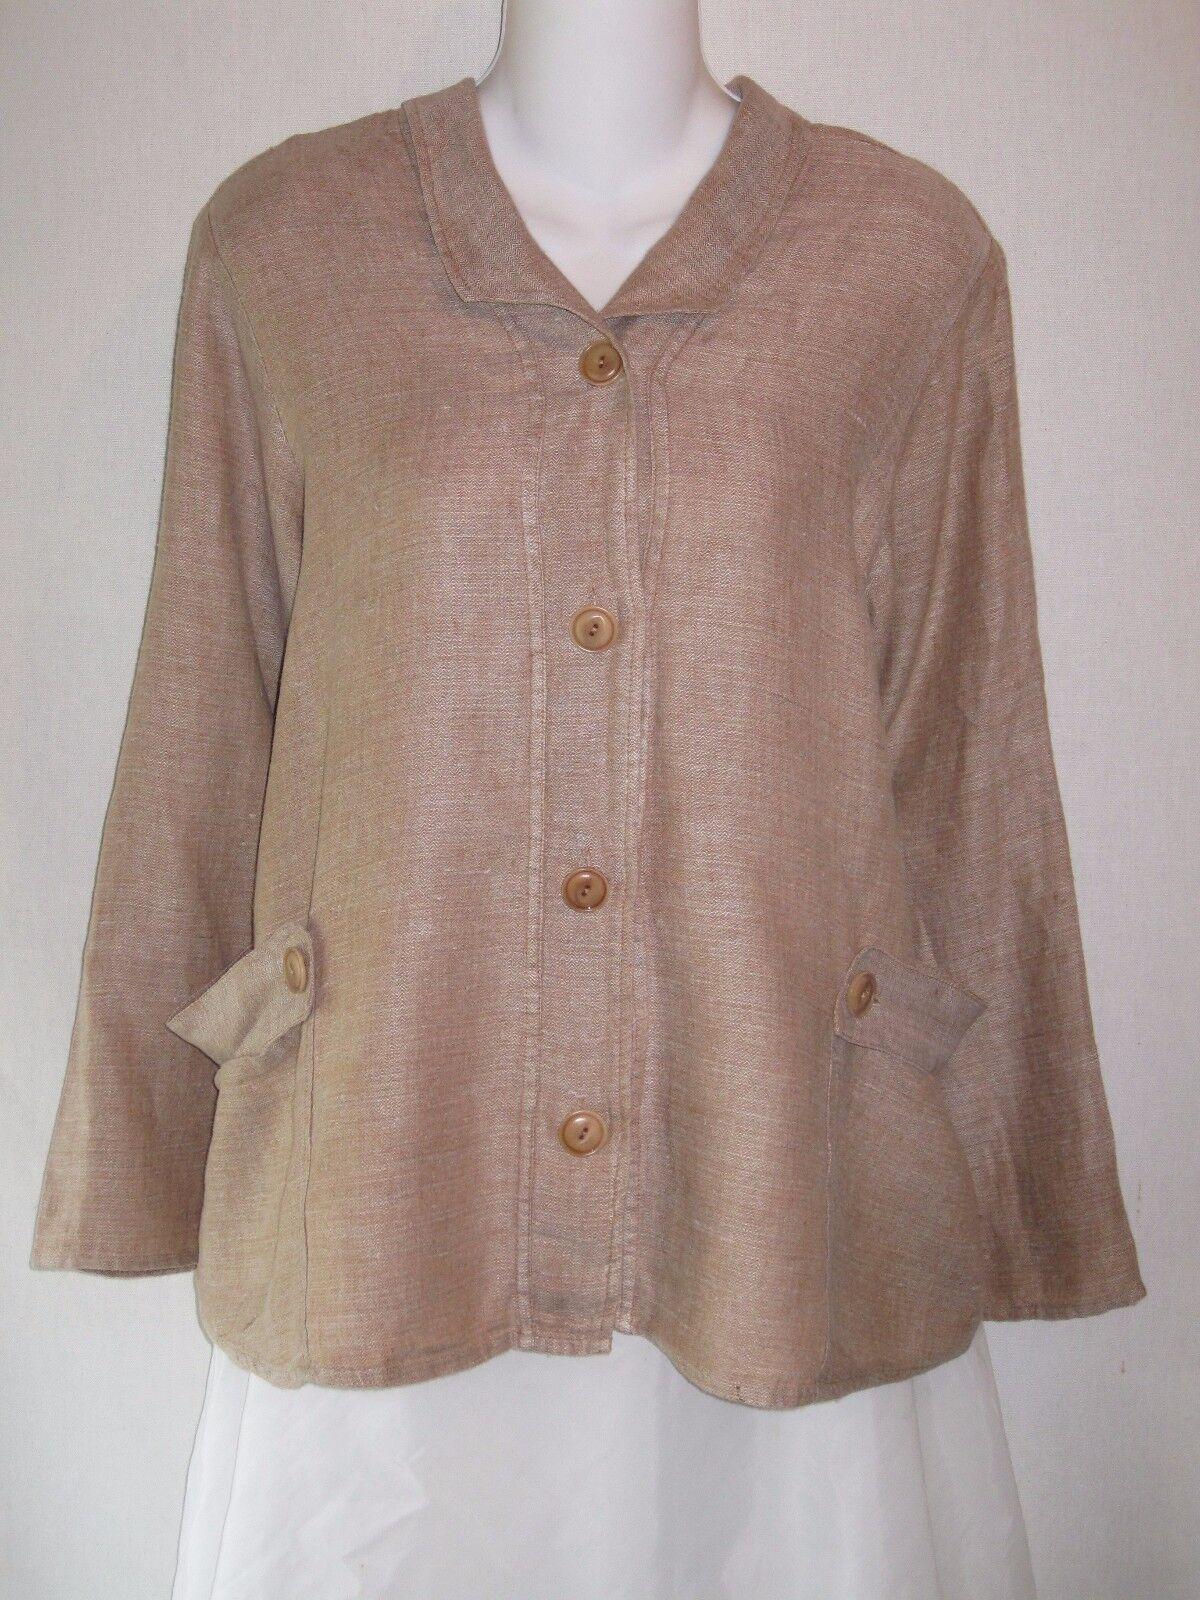 FLAX by Jeanne Engelhart Long Sleeve Linen Button Front Top Shirt Petite P